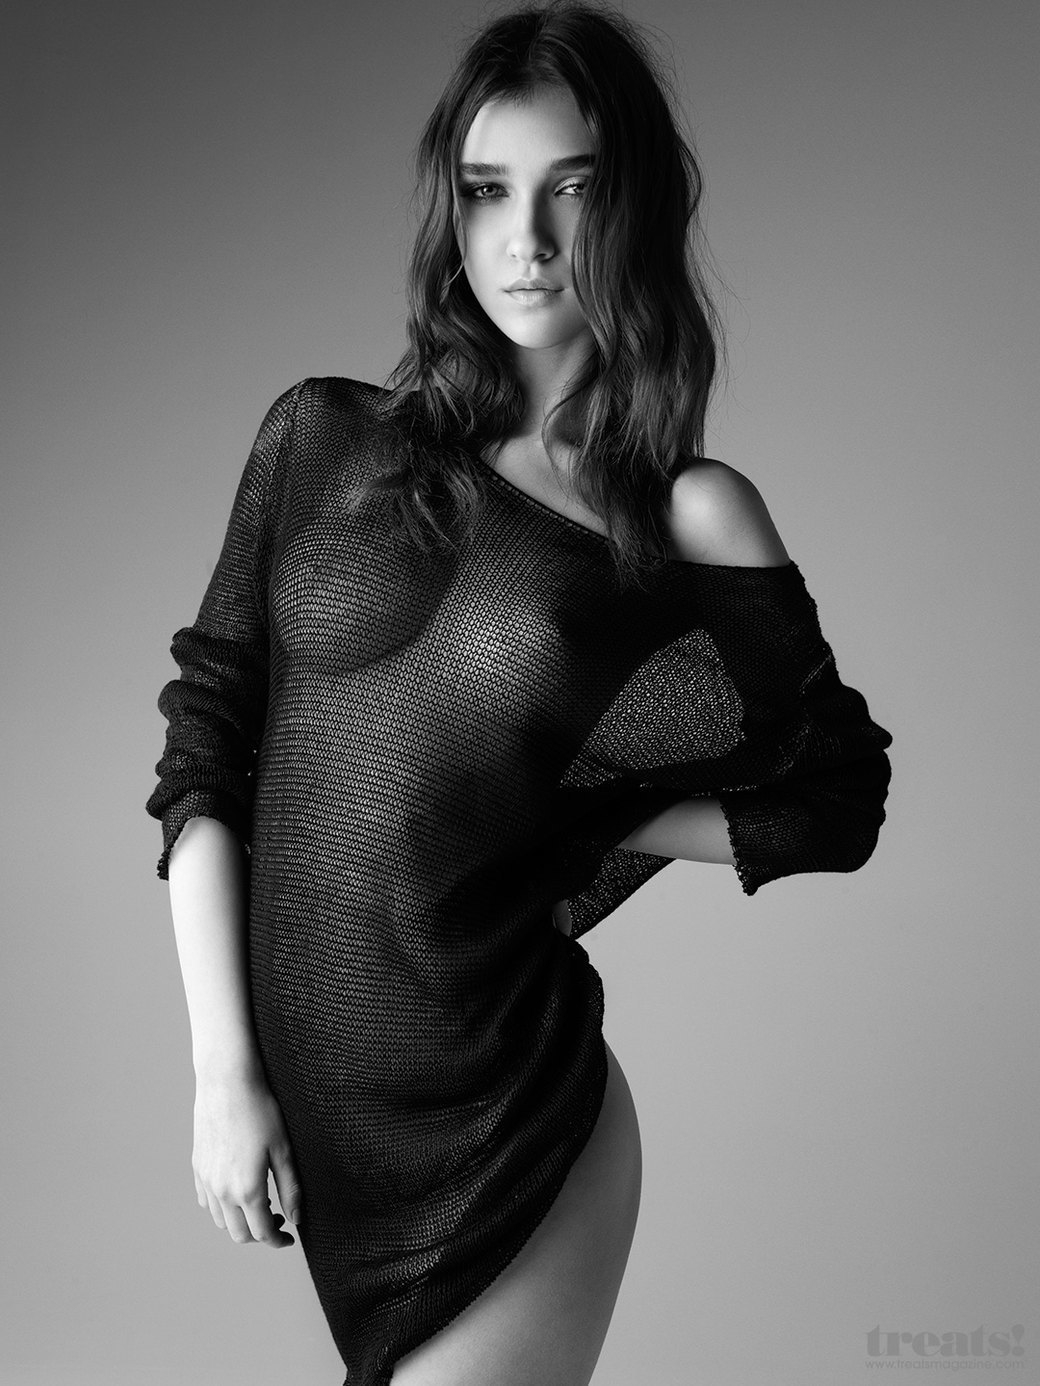 Деннисон Бертрам сфотографировал польскую модель Паулу Бульчински для нового номера журнала Treats!. Изображение № 7.